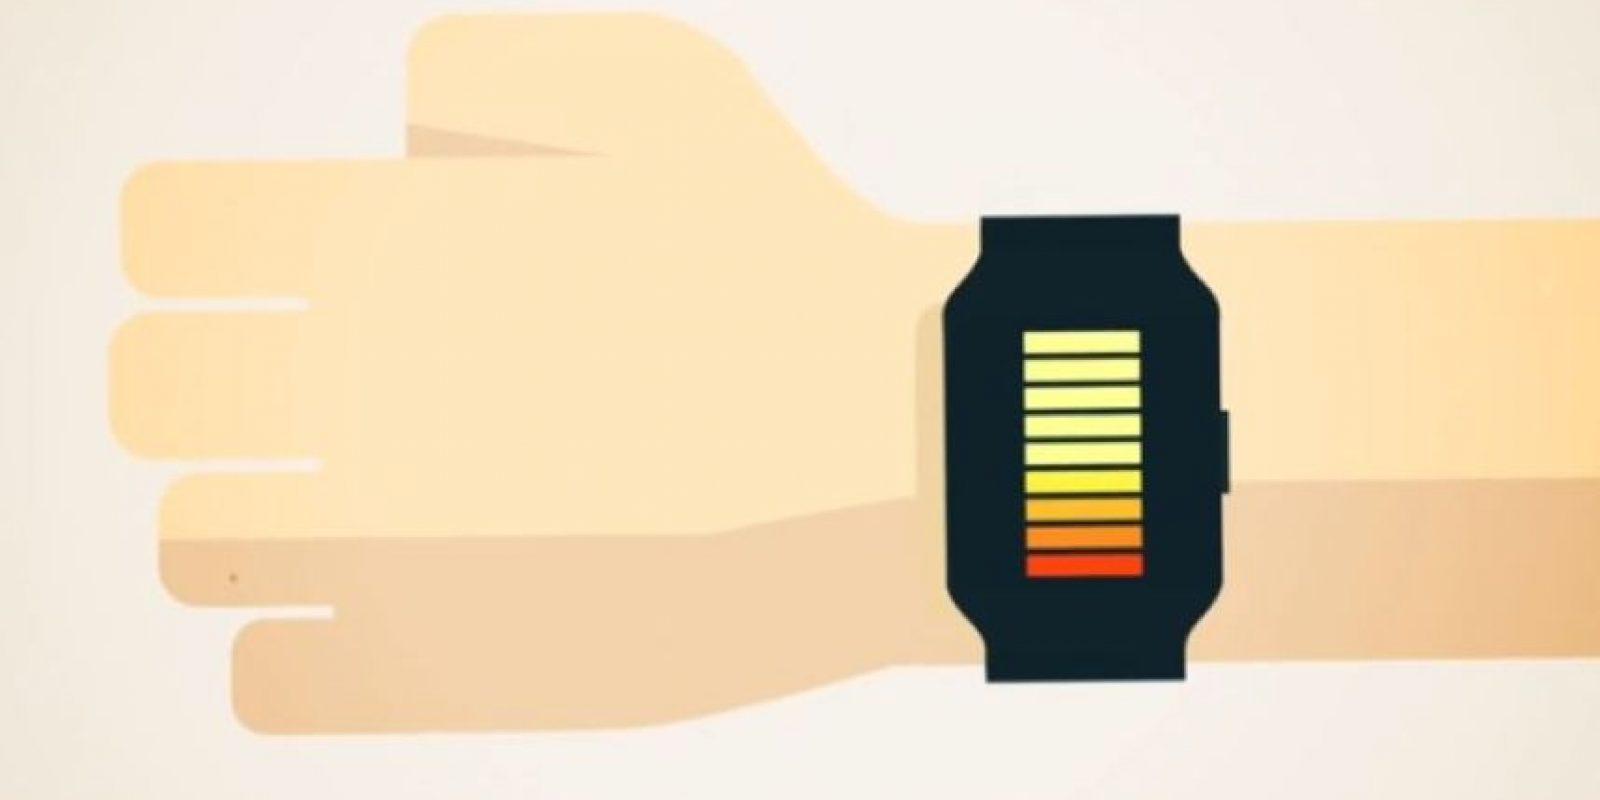 Este gadget aún se encuentra en una etapa de desarrollo. Foto:YouTube/wankband